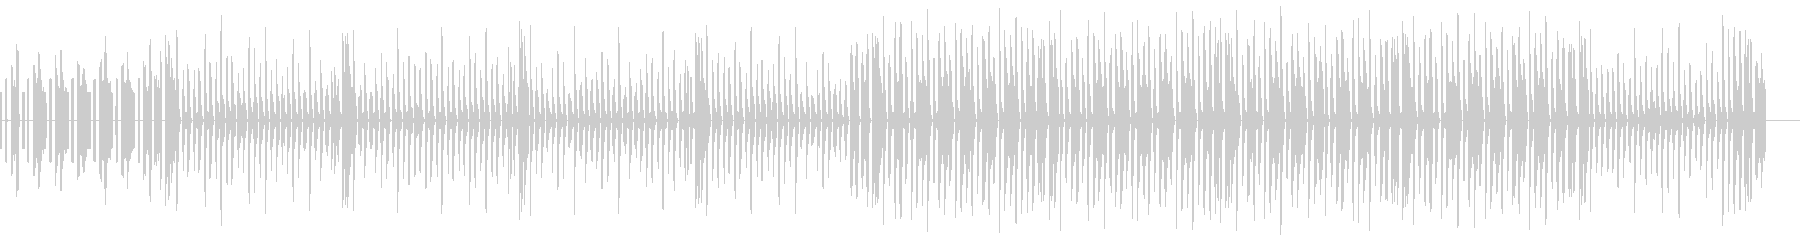 ゲーム風音色を用いたJPOP風の曲の未再生の波形